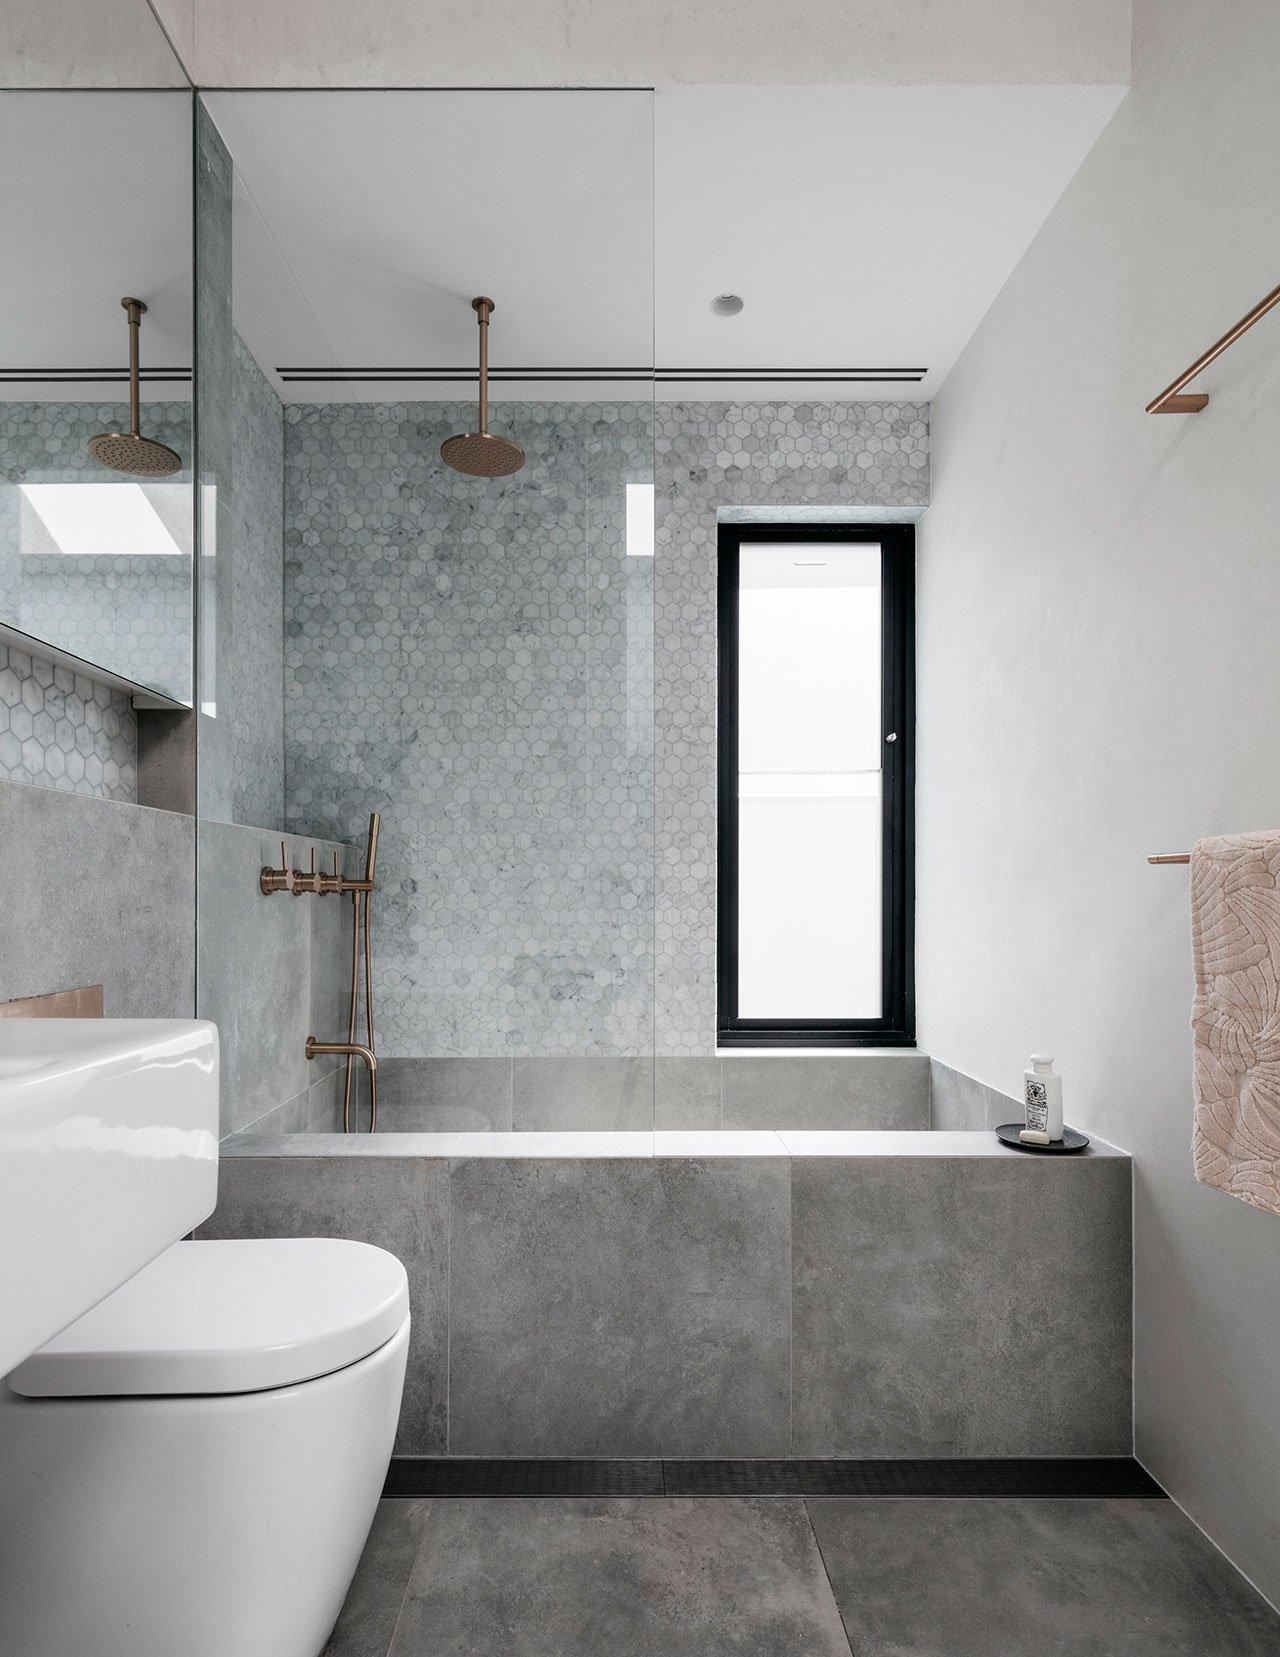 kleine badkamer met bad douche glazen douchewand tot plafond